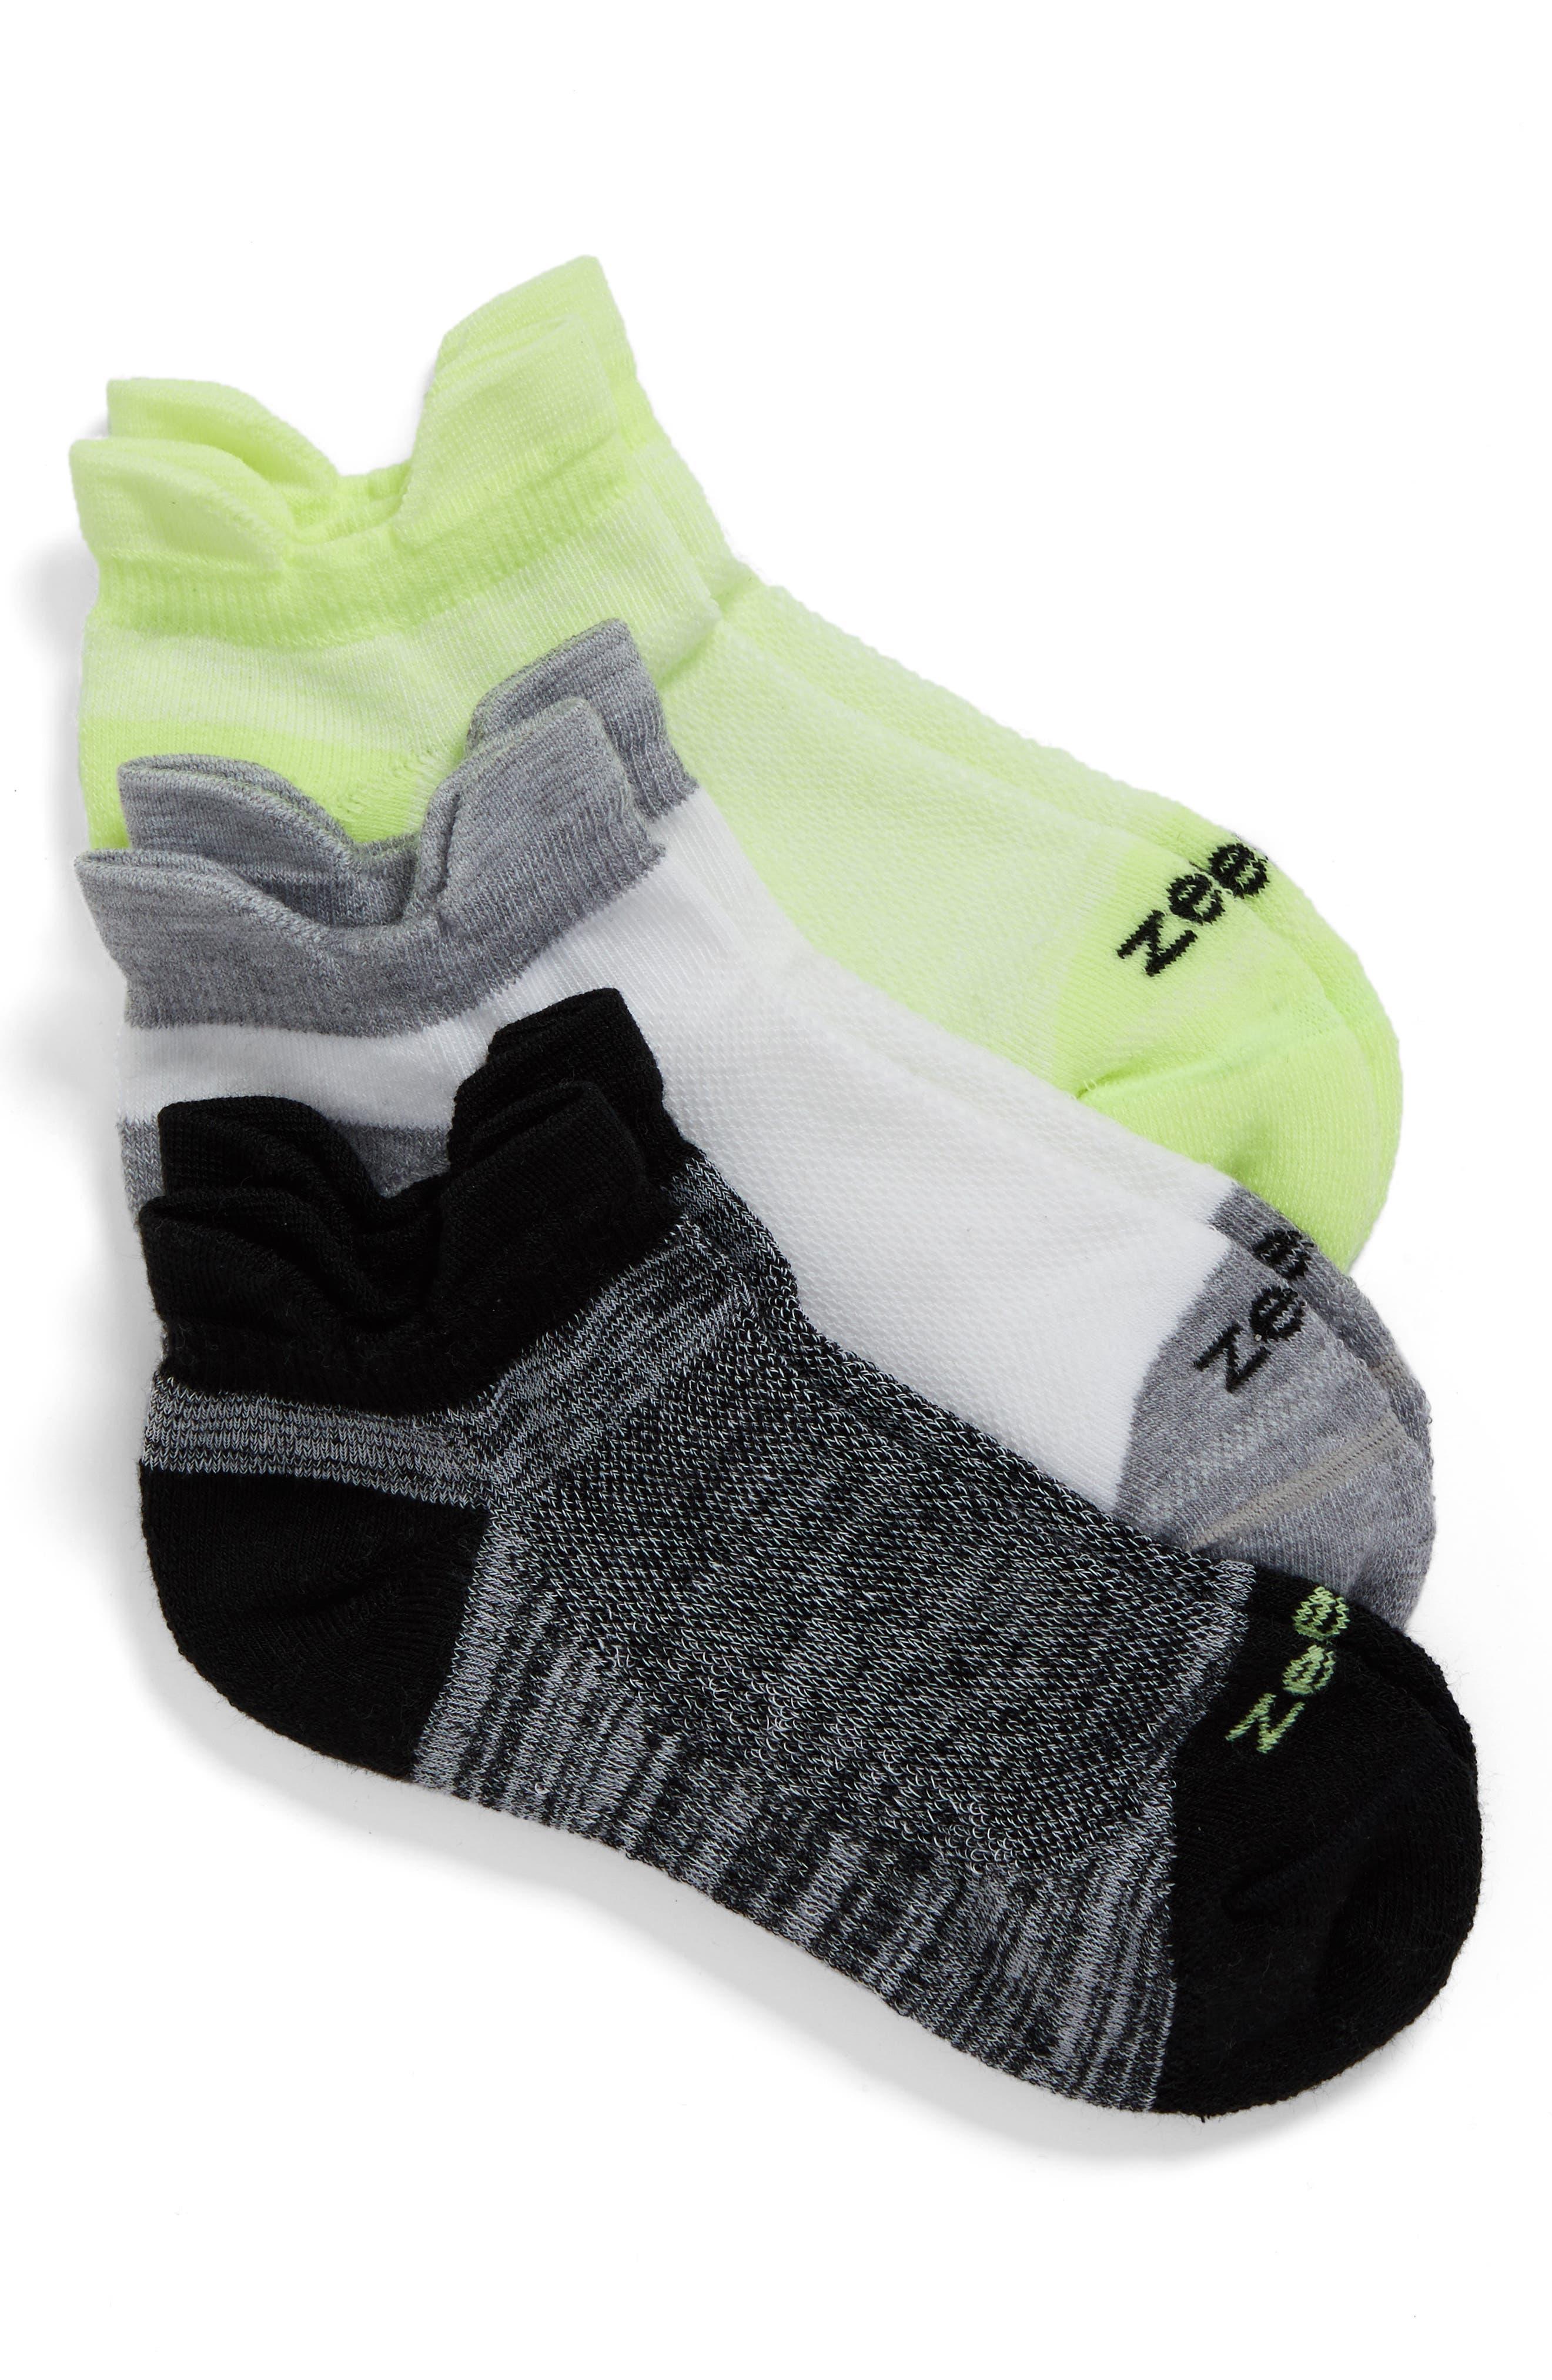 Alternate Image 1 Selected - Zella 3-Pack Running Socks